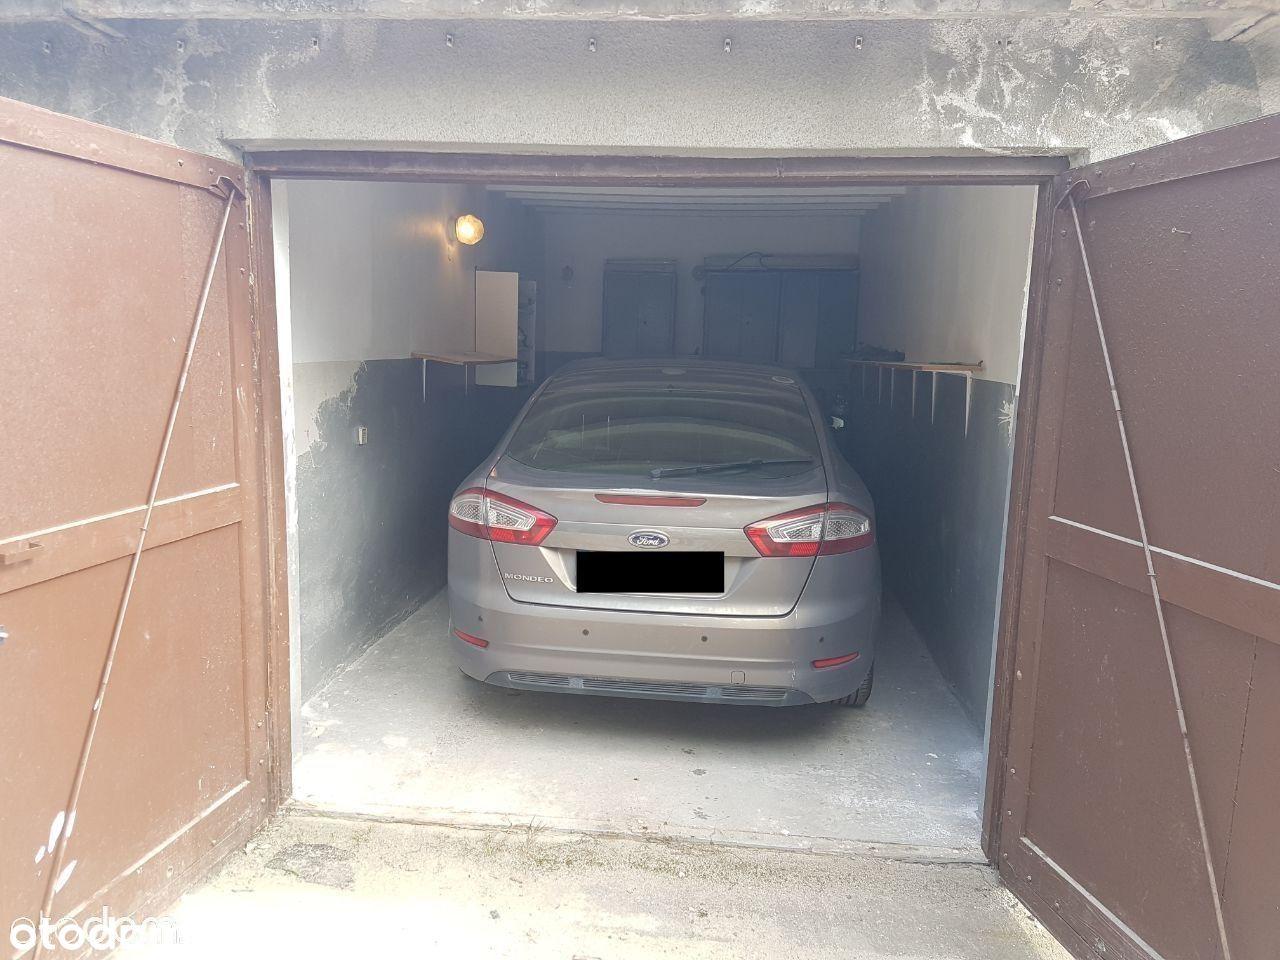 Sprzedam garaż murowany w Krakowie ul. Ostatnia